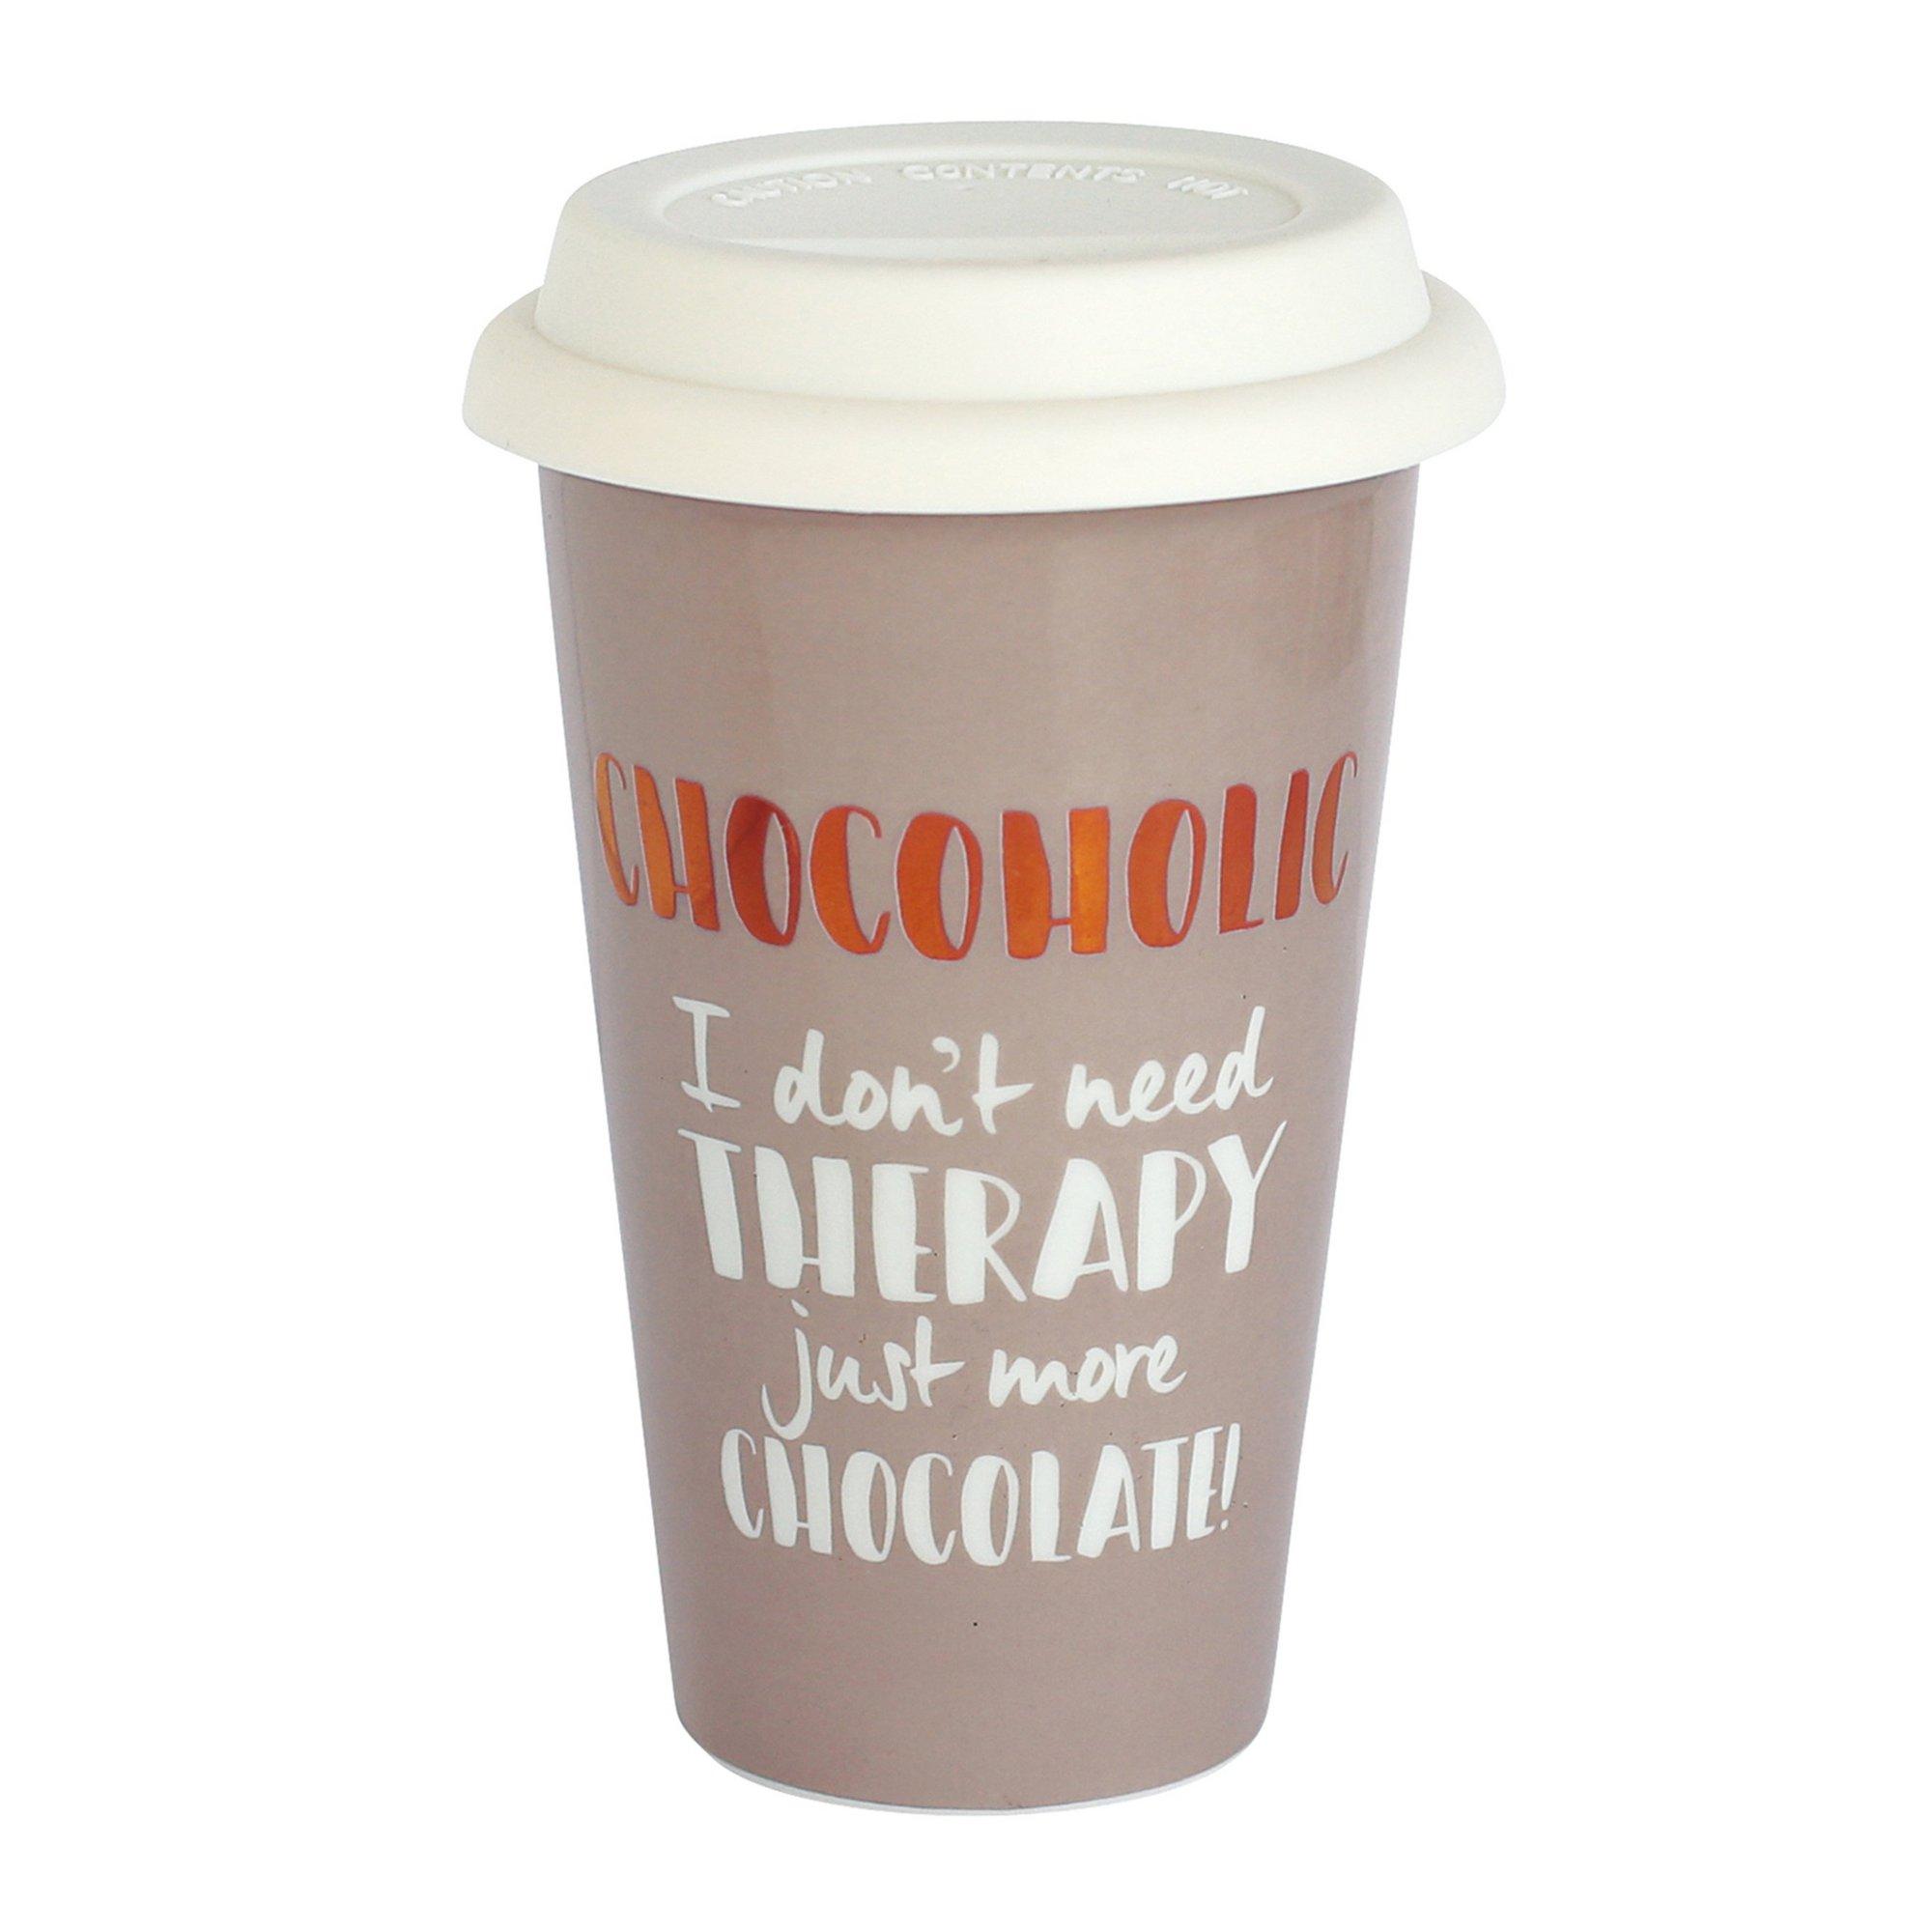 Image of Ceramic Travel Mug - Chocoholic